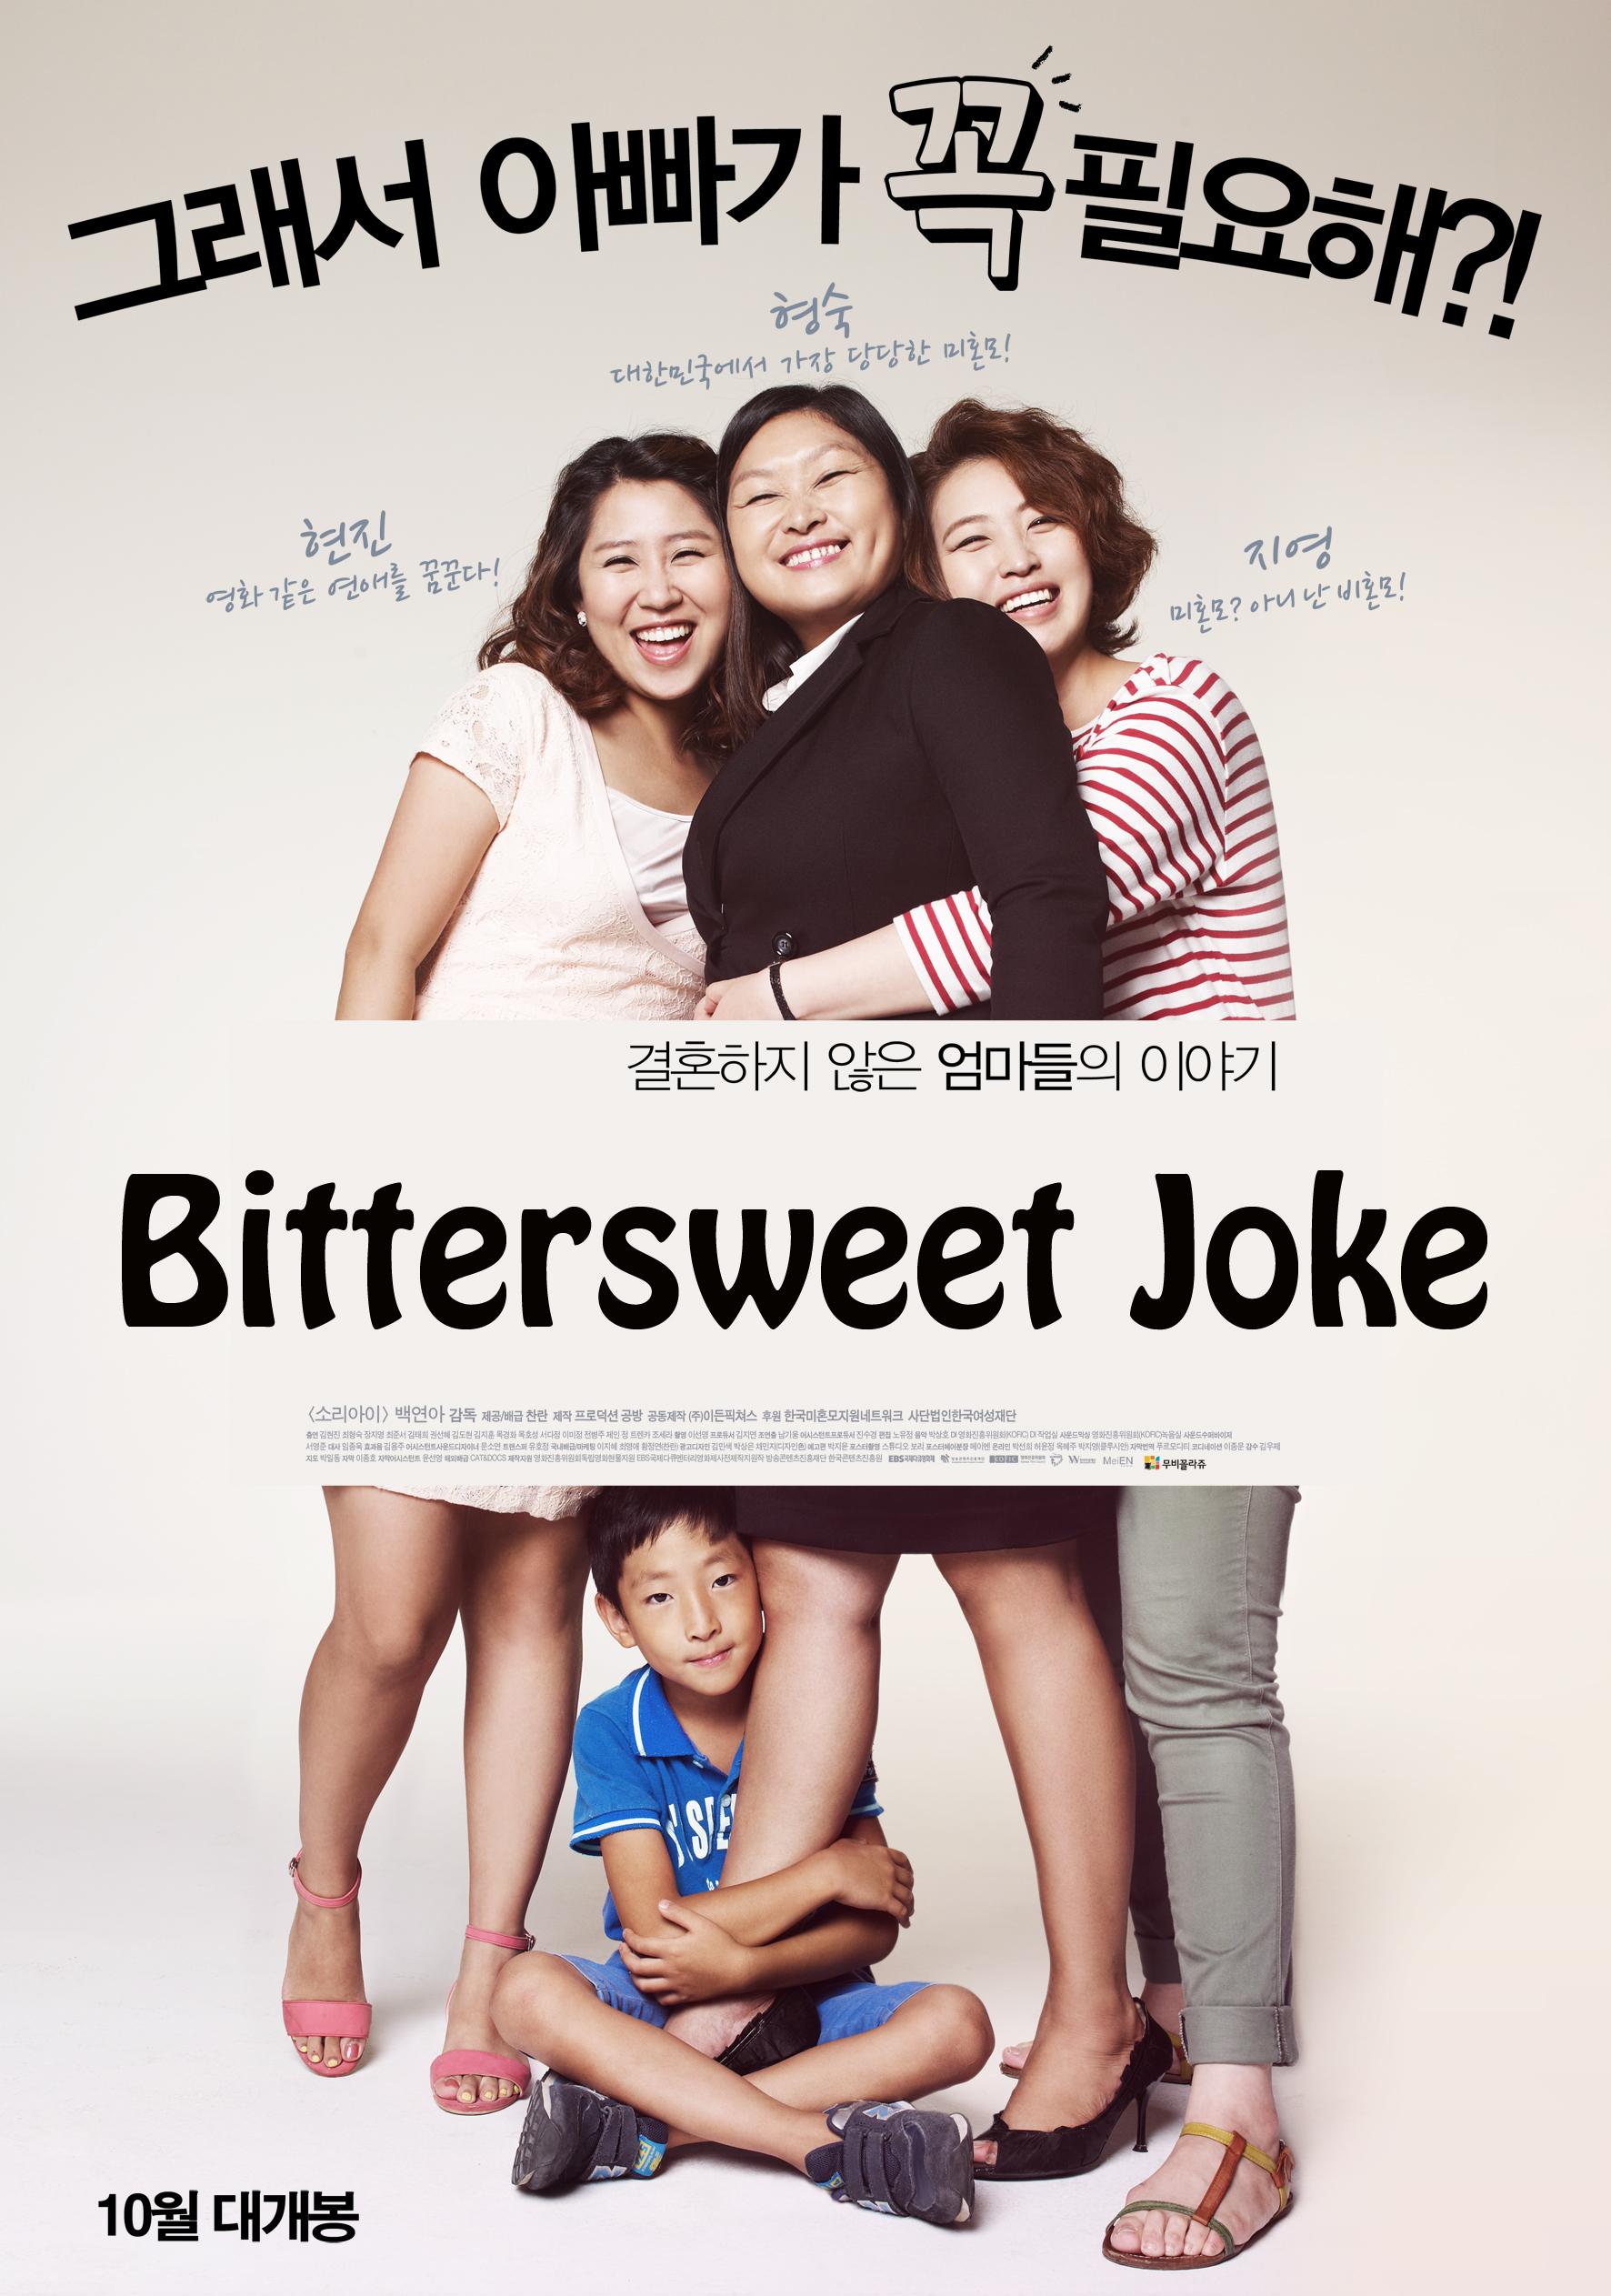 Bittersweet Joke